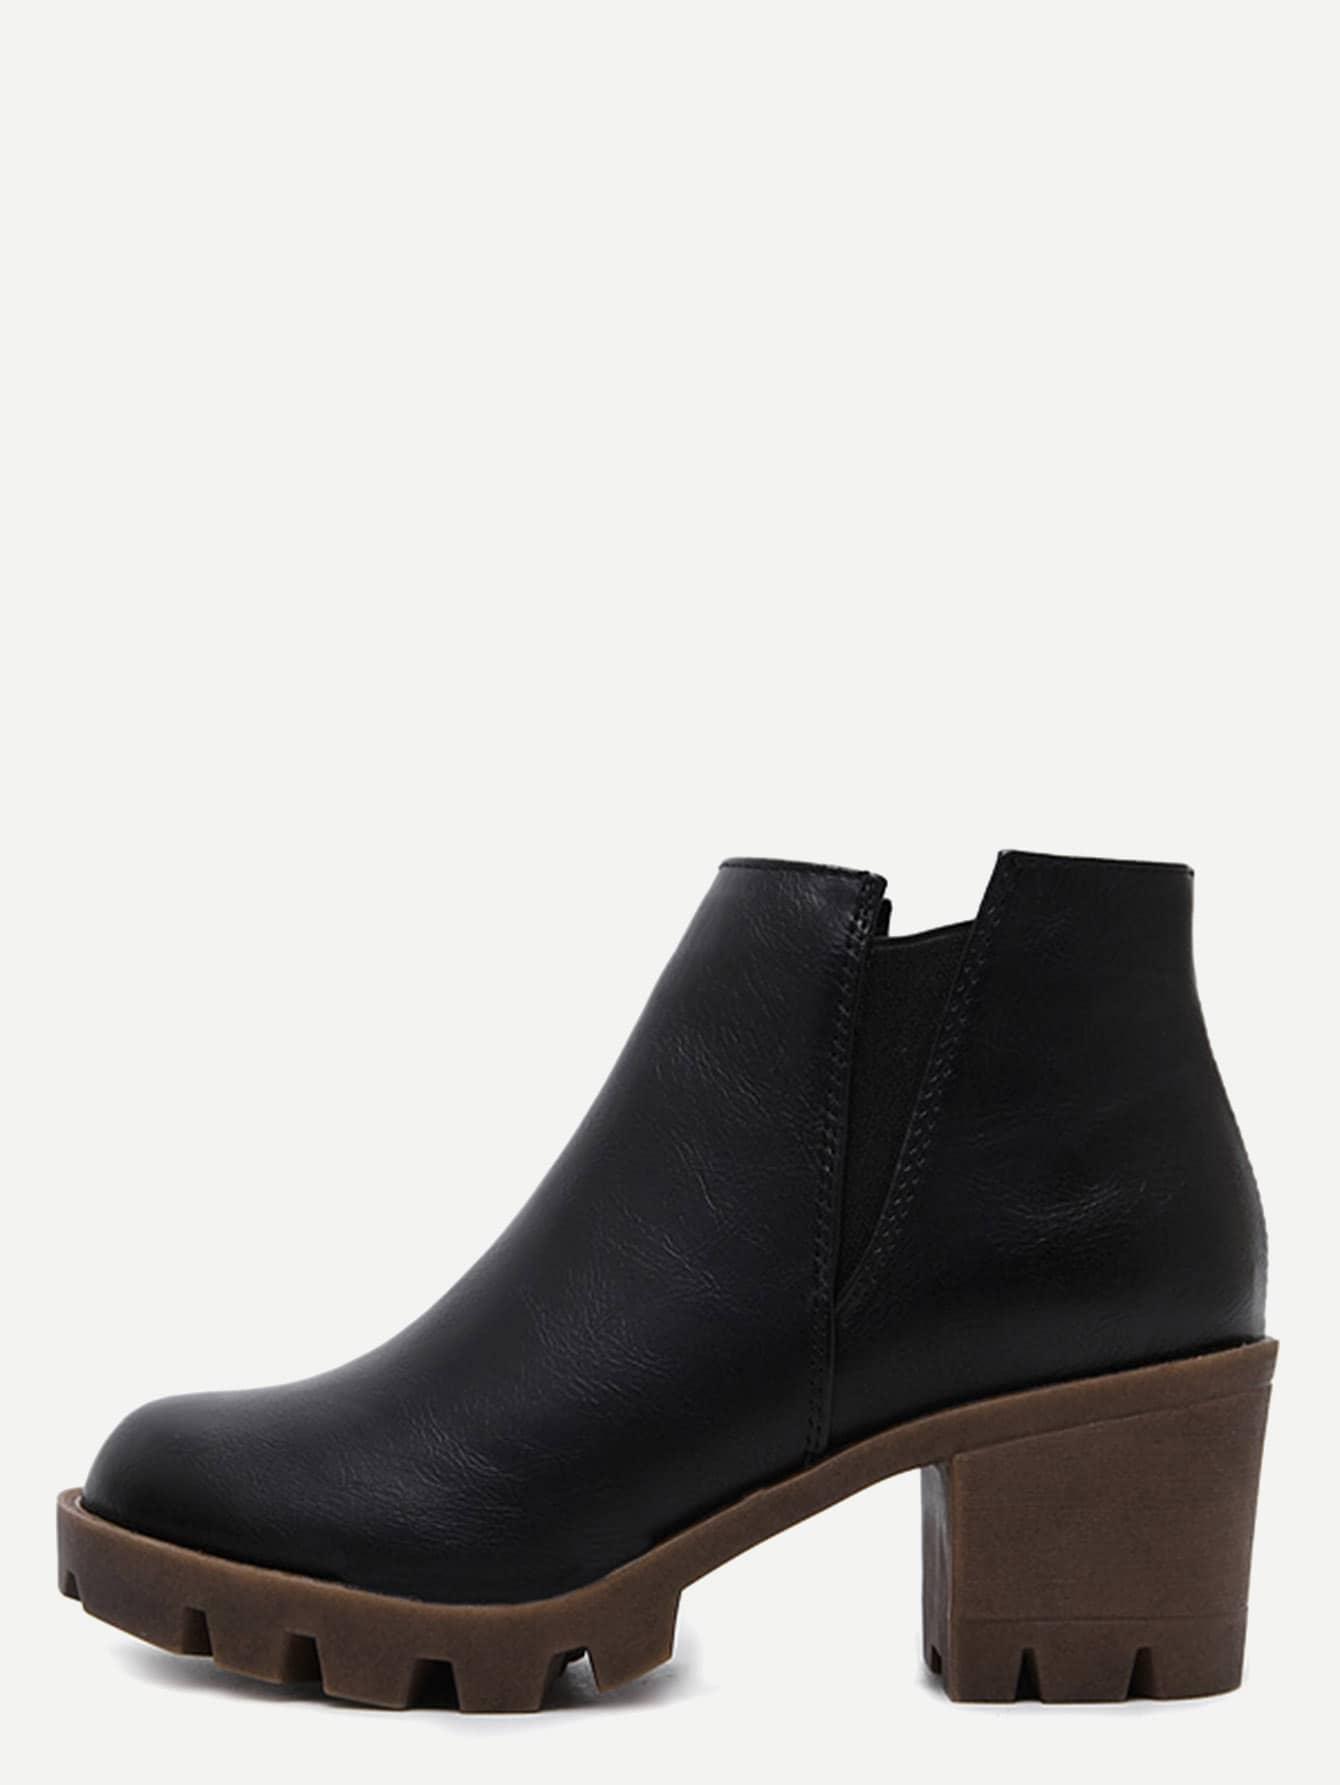 shoes161010808_2